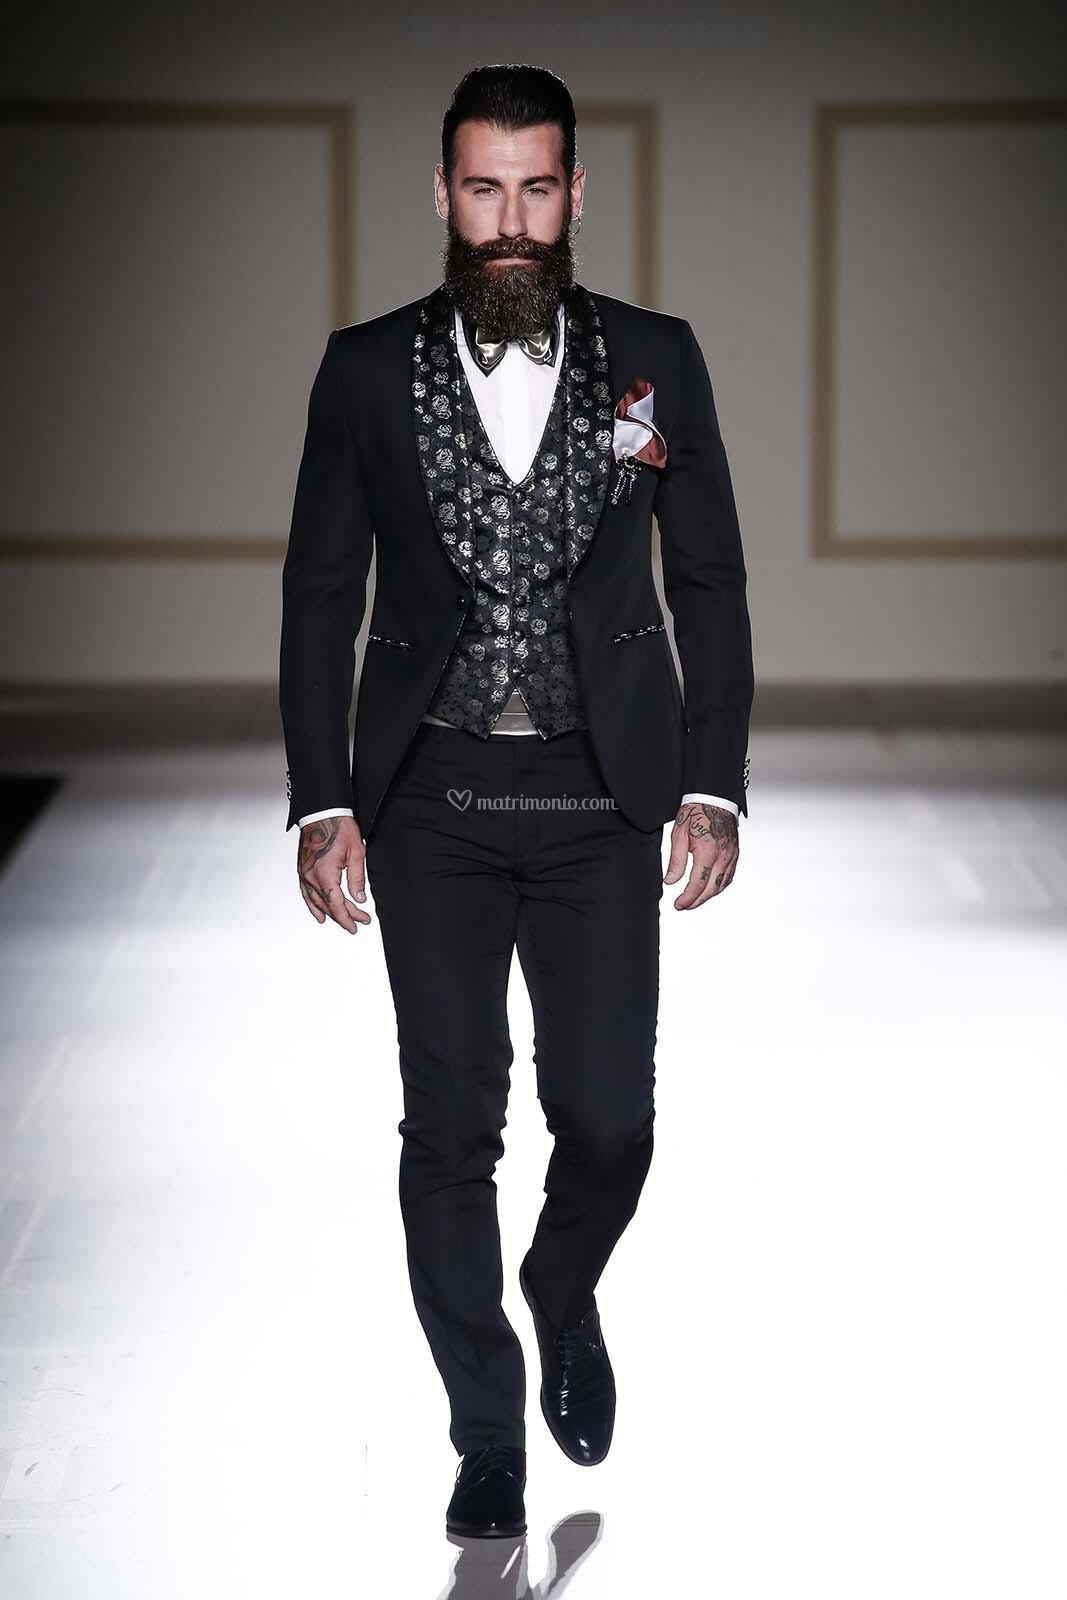 Vestiti da Sposo di Petrelli Uomo - PU 003 - Matrimonio.com